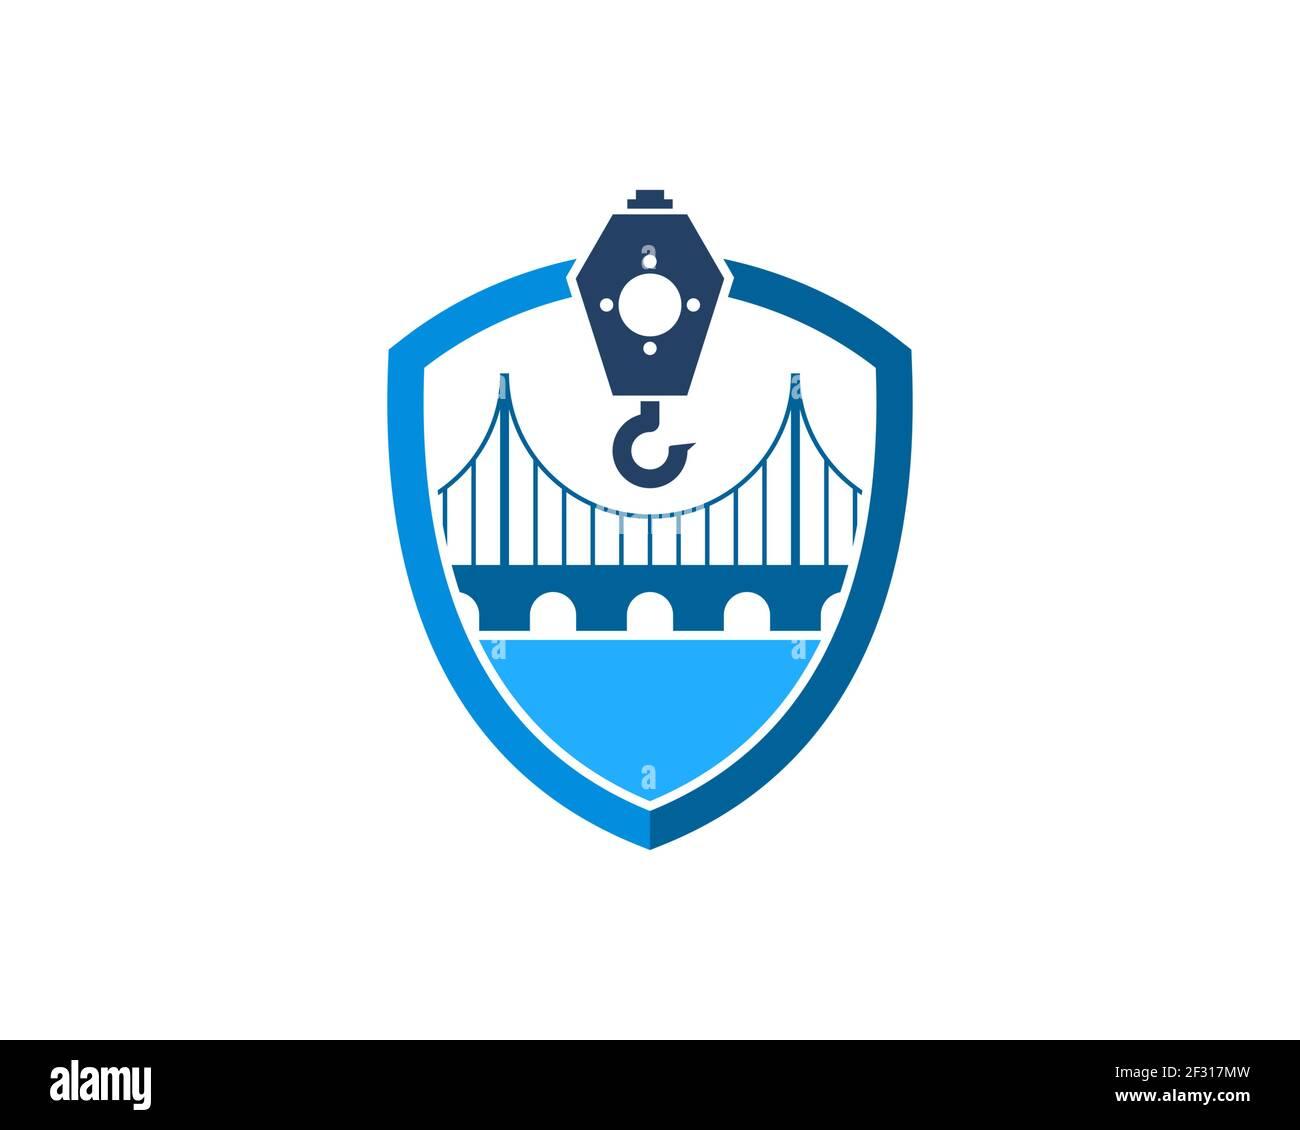 Escudo con puente y grúa de construcción Foto de stock